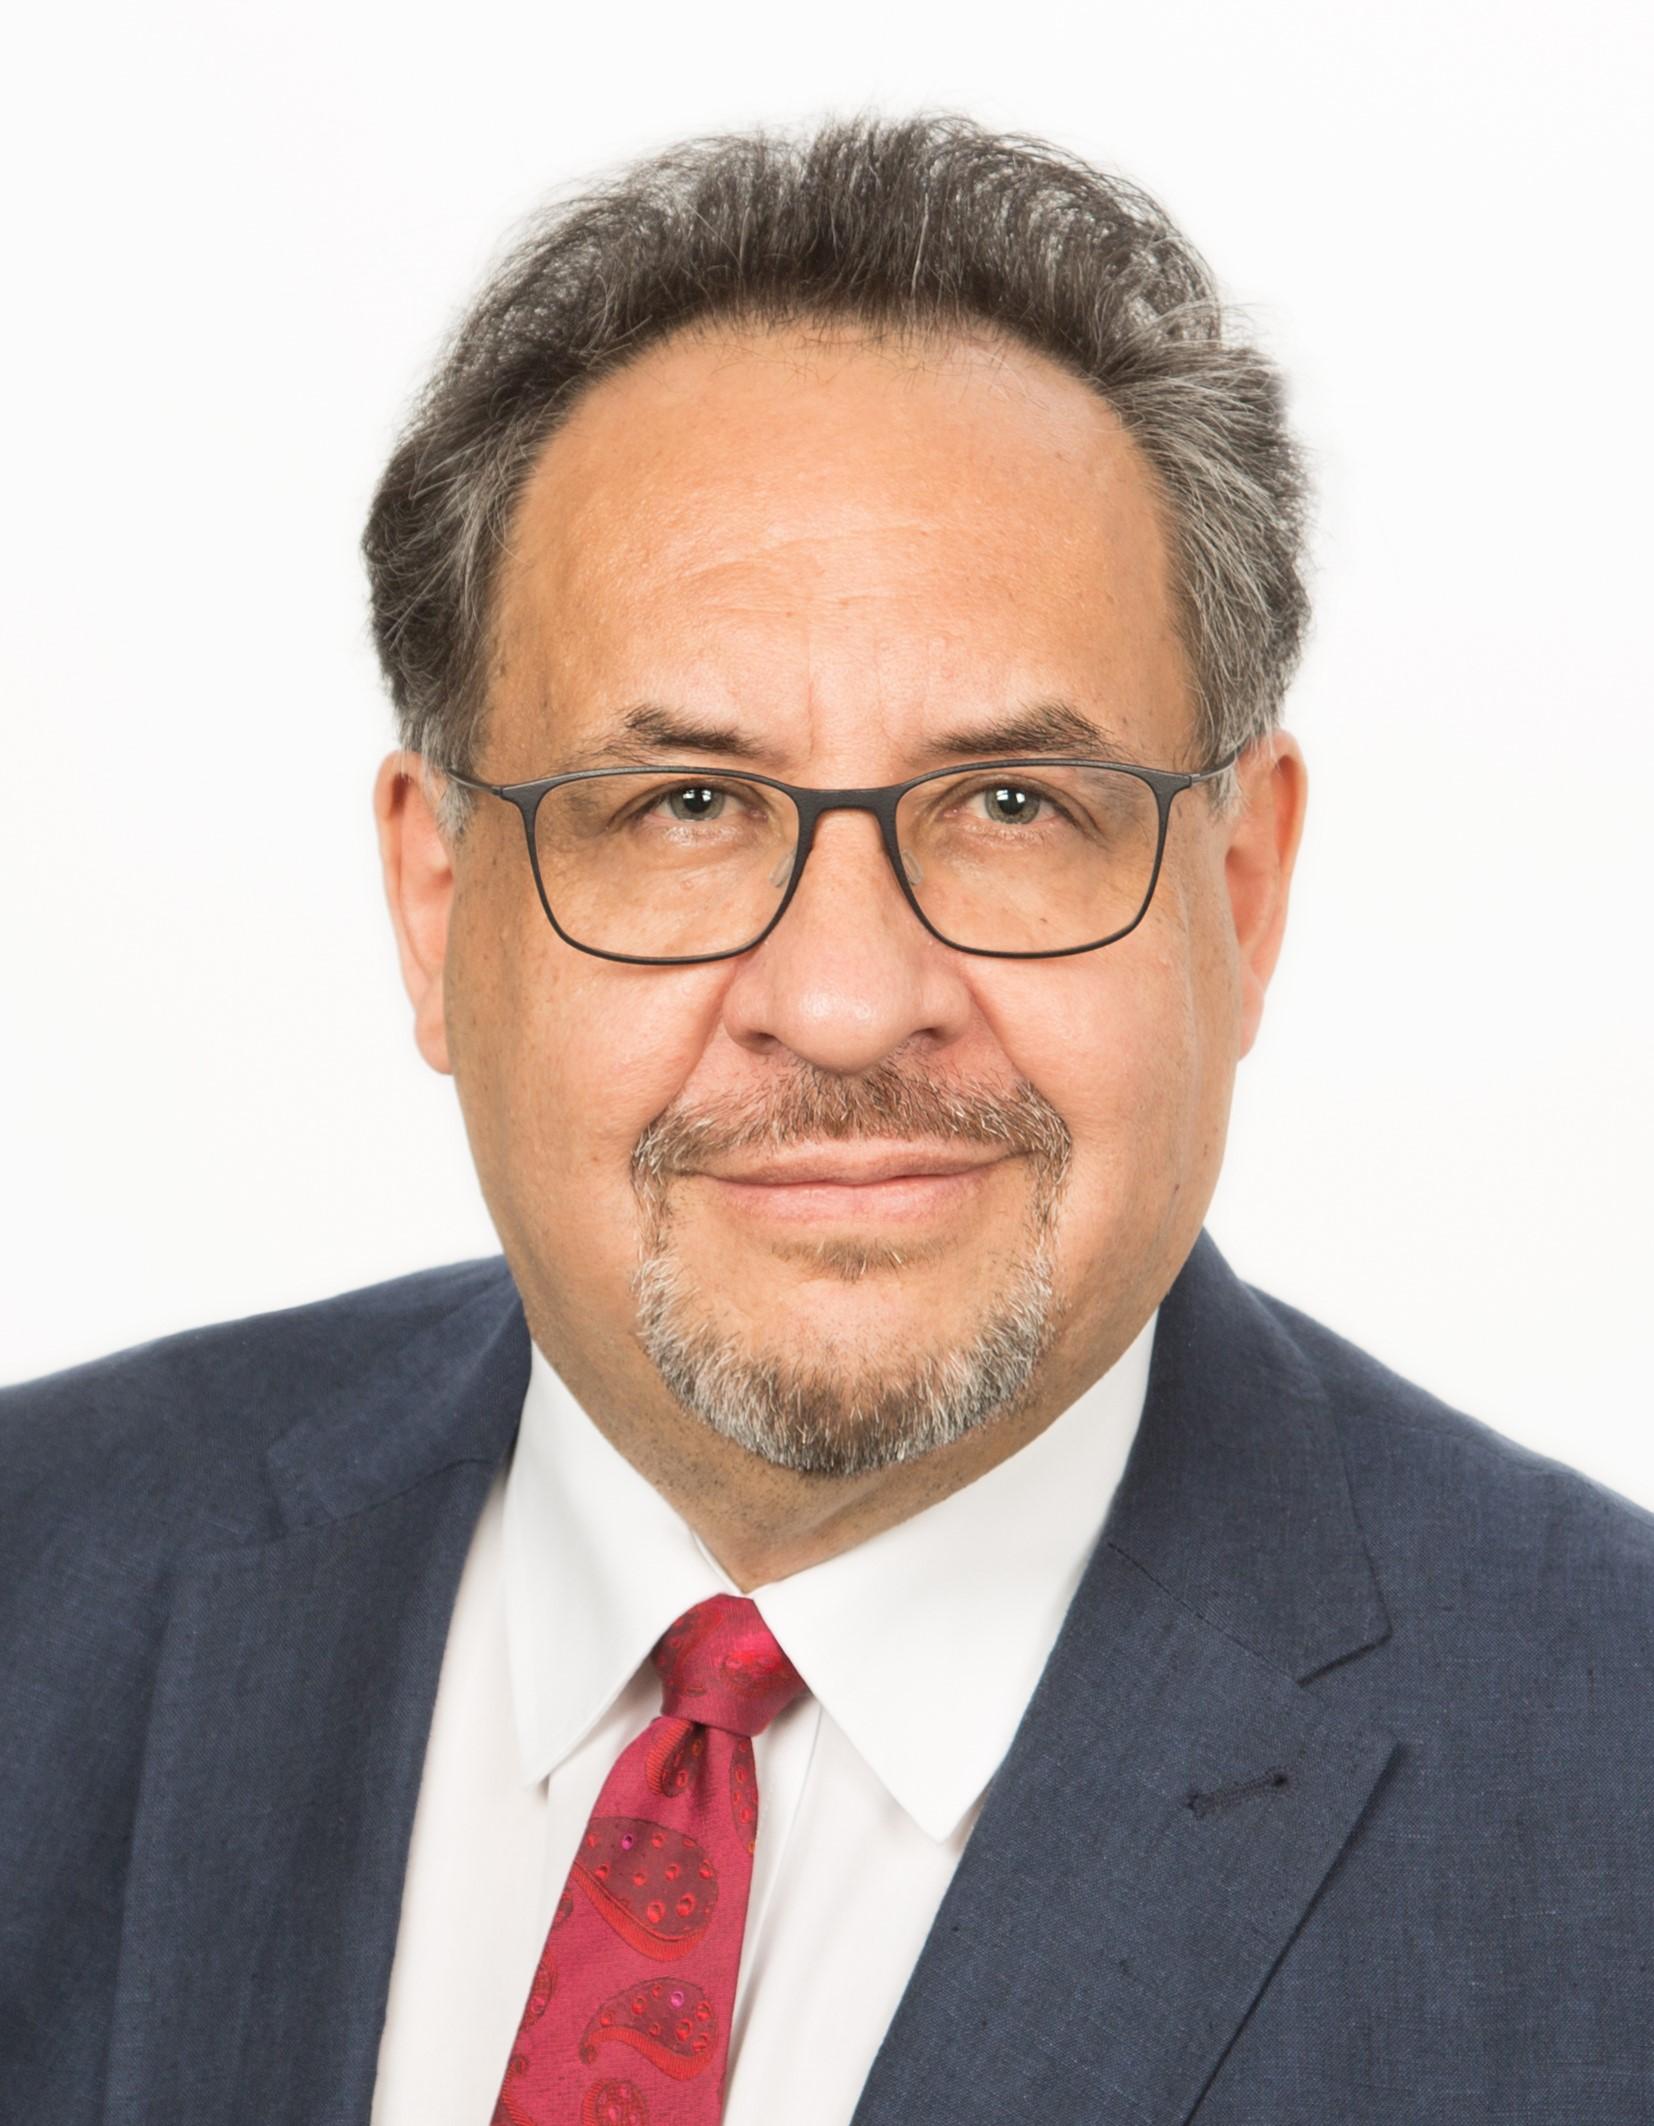 Bernardo Calzadilla-Sarmiento